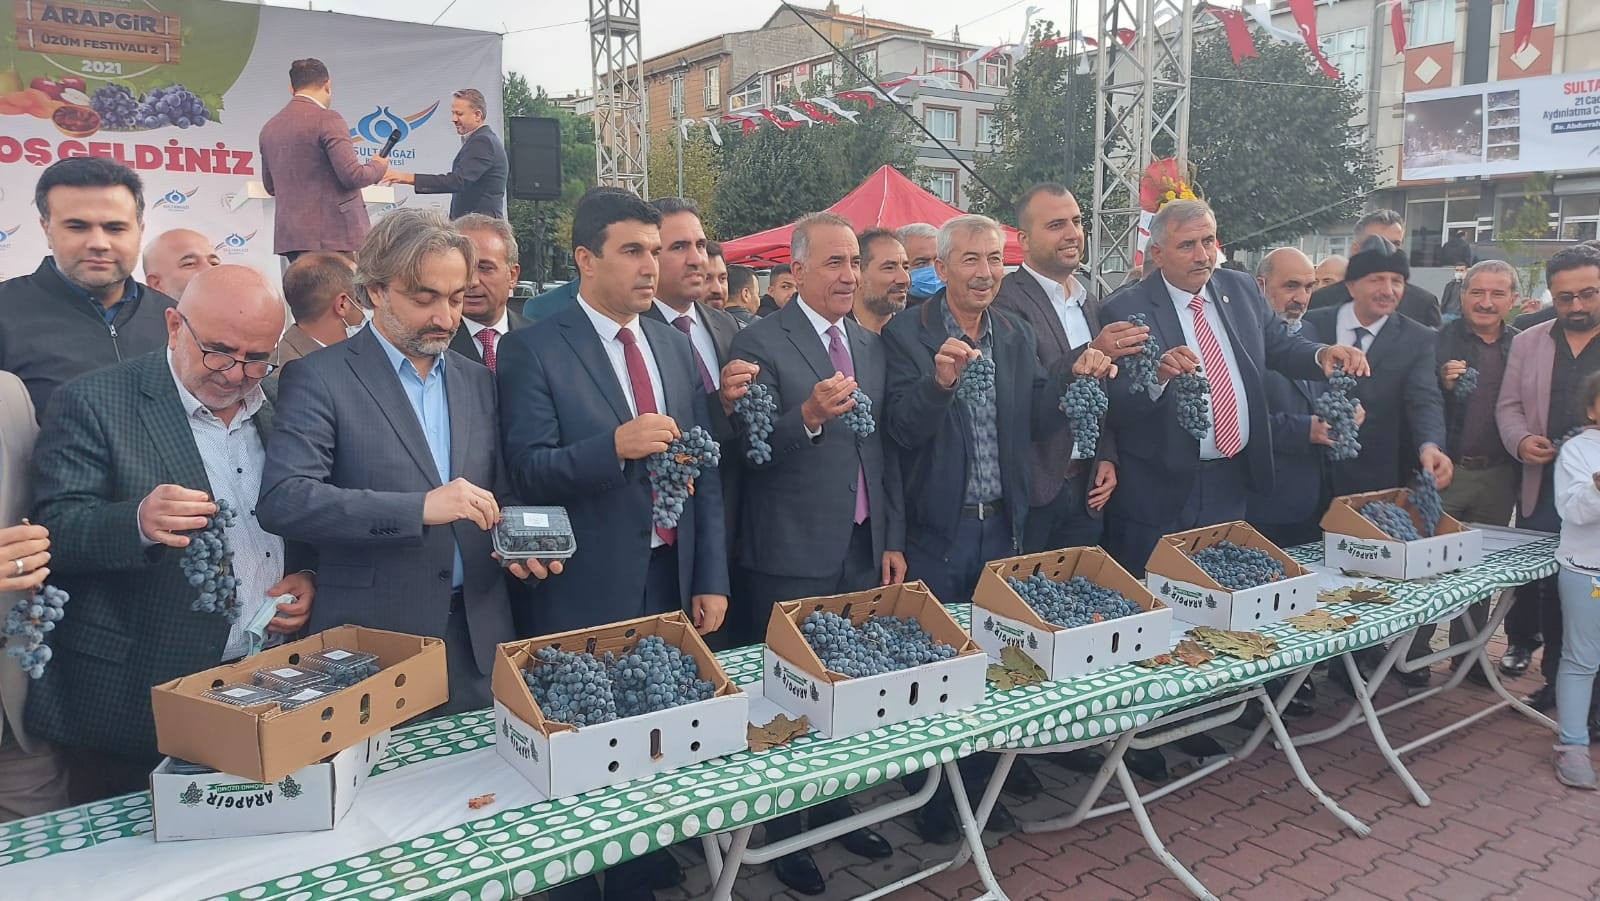 Malatya 2. Arapgir Üzüm Festivali start aldı